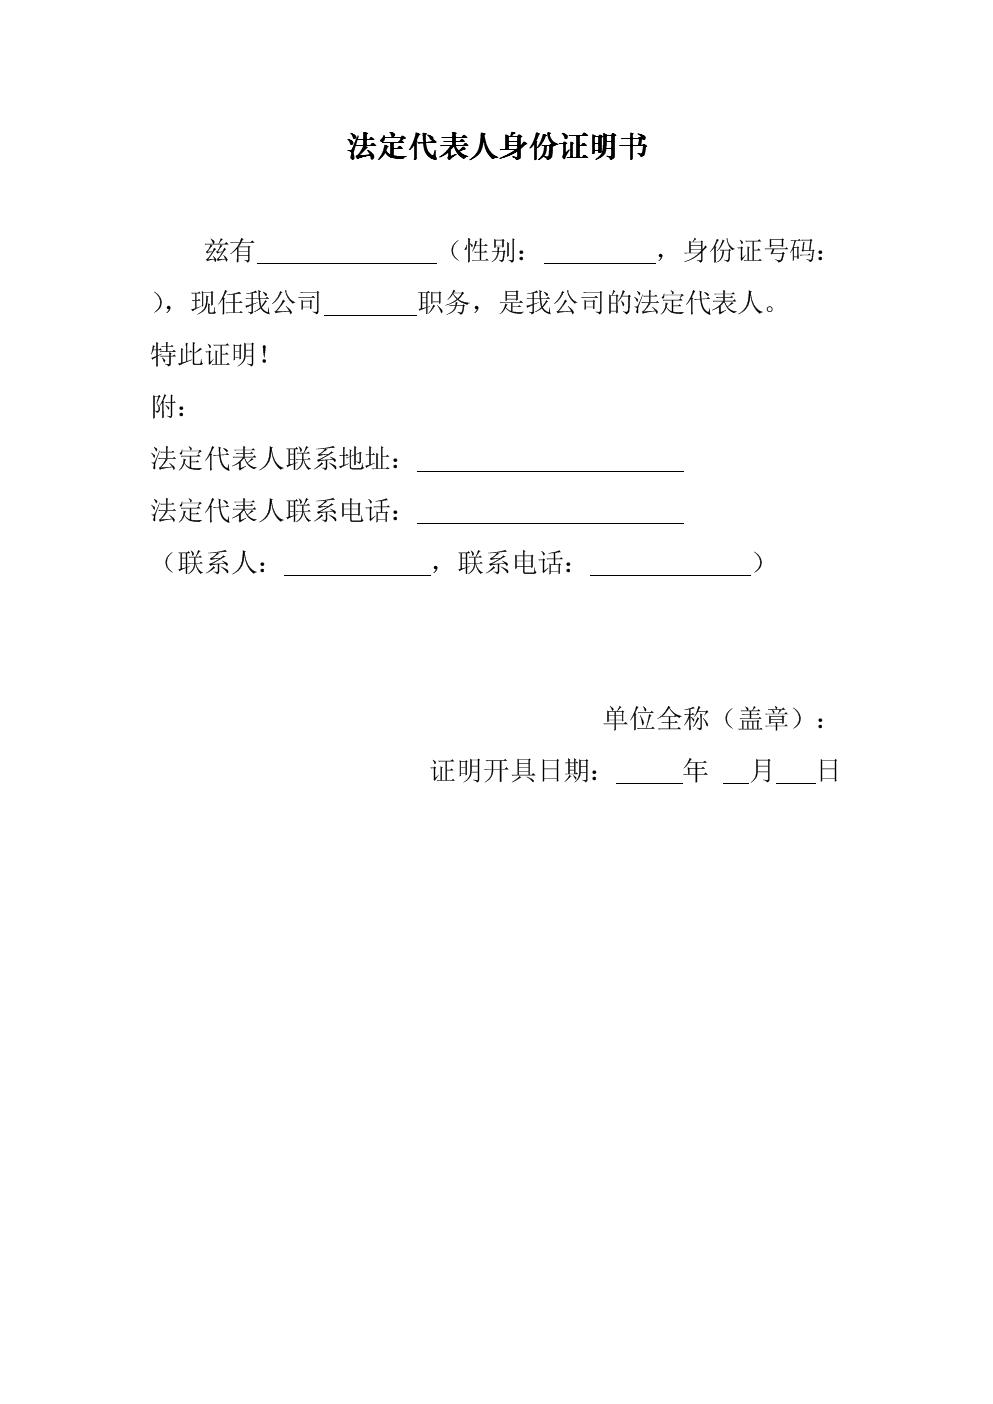 2020版通用法定代表人身份证明书.docx